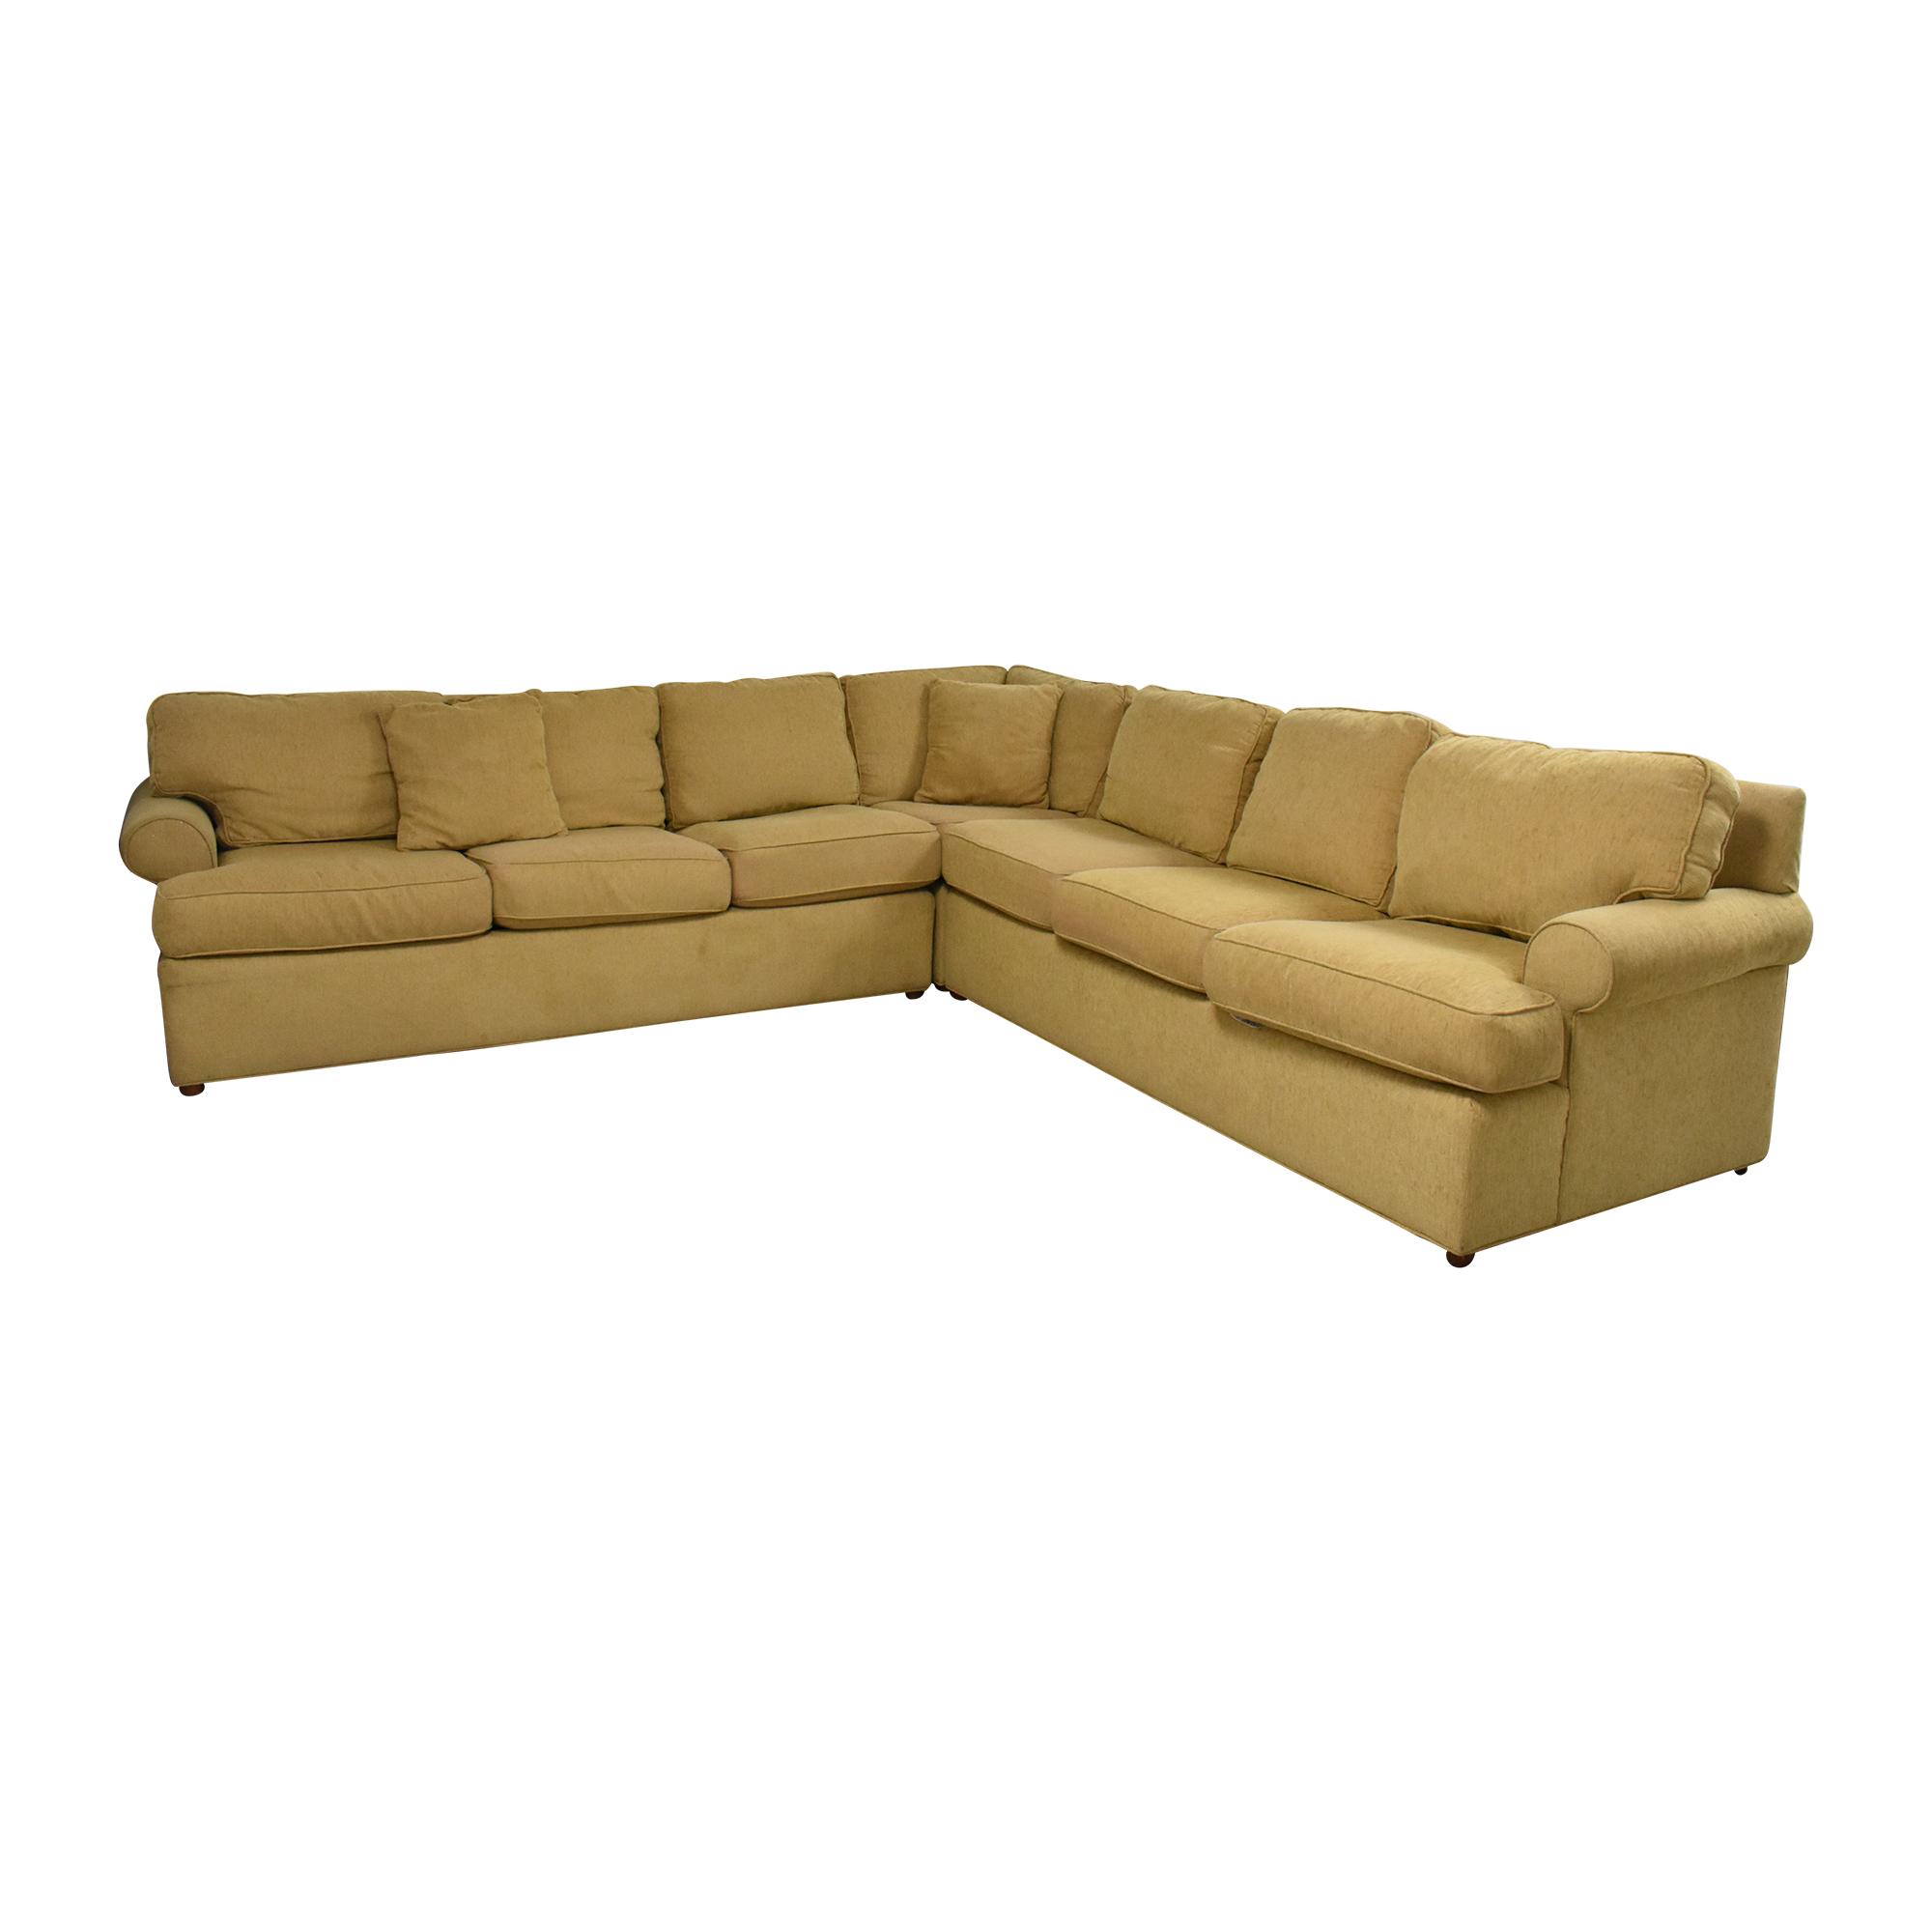 Ethan Allen Ethan Allen Roll Arm Sectional Sofa